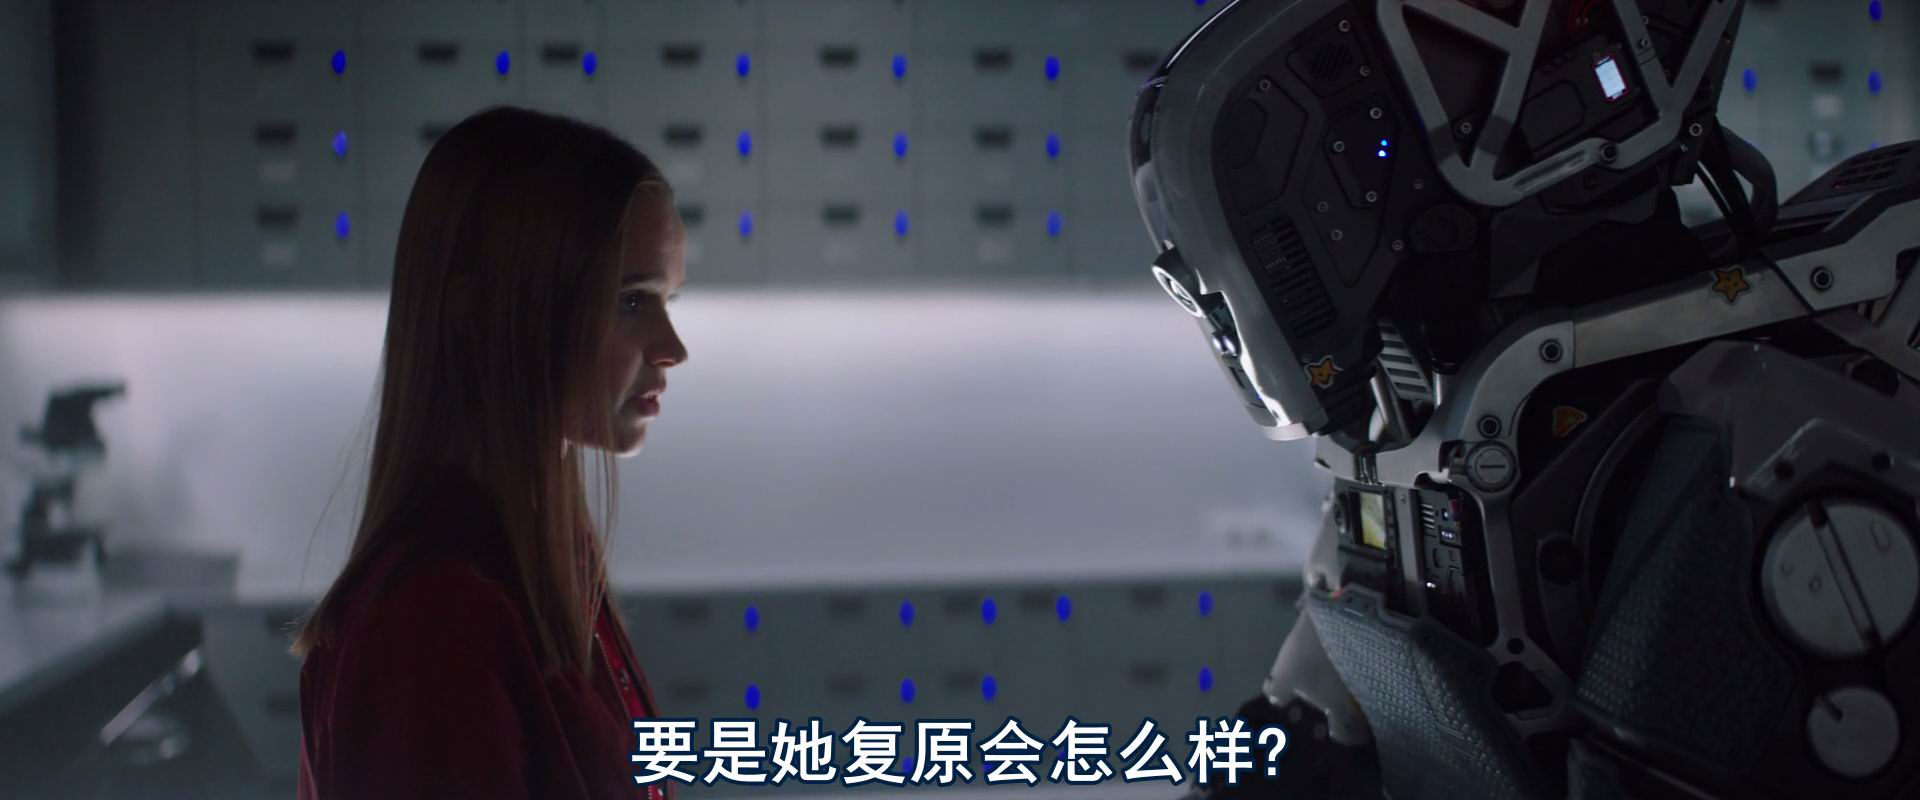 悠悠MP4_MP4电影下载_[AI终结战][BD-MKV/2G][英语中字][1080p]